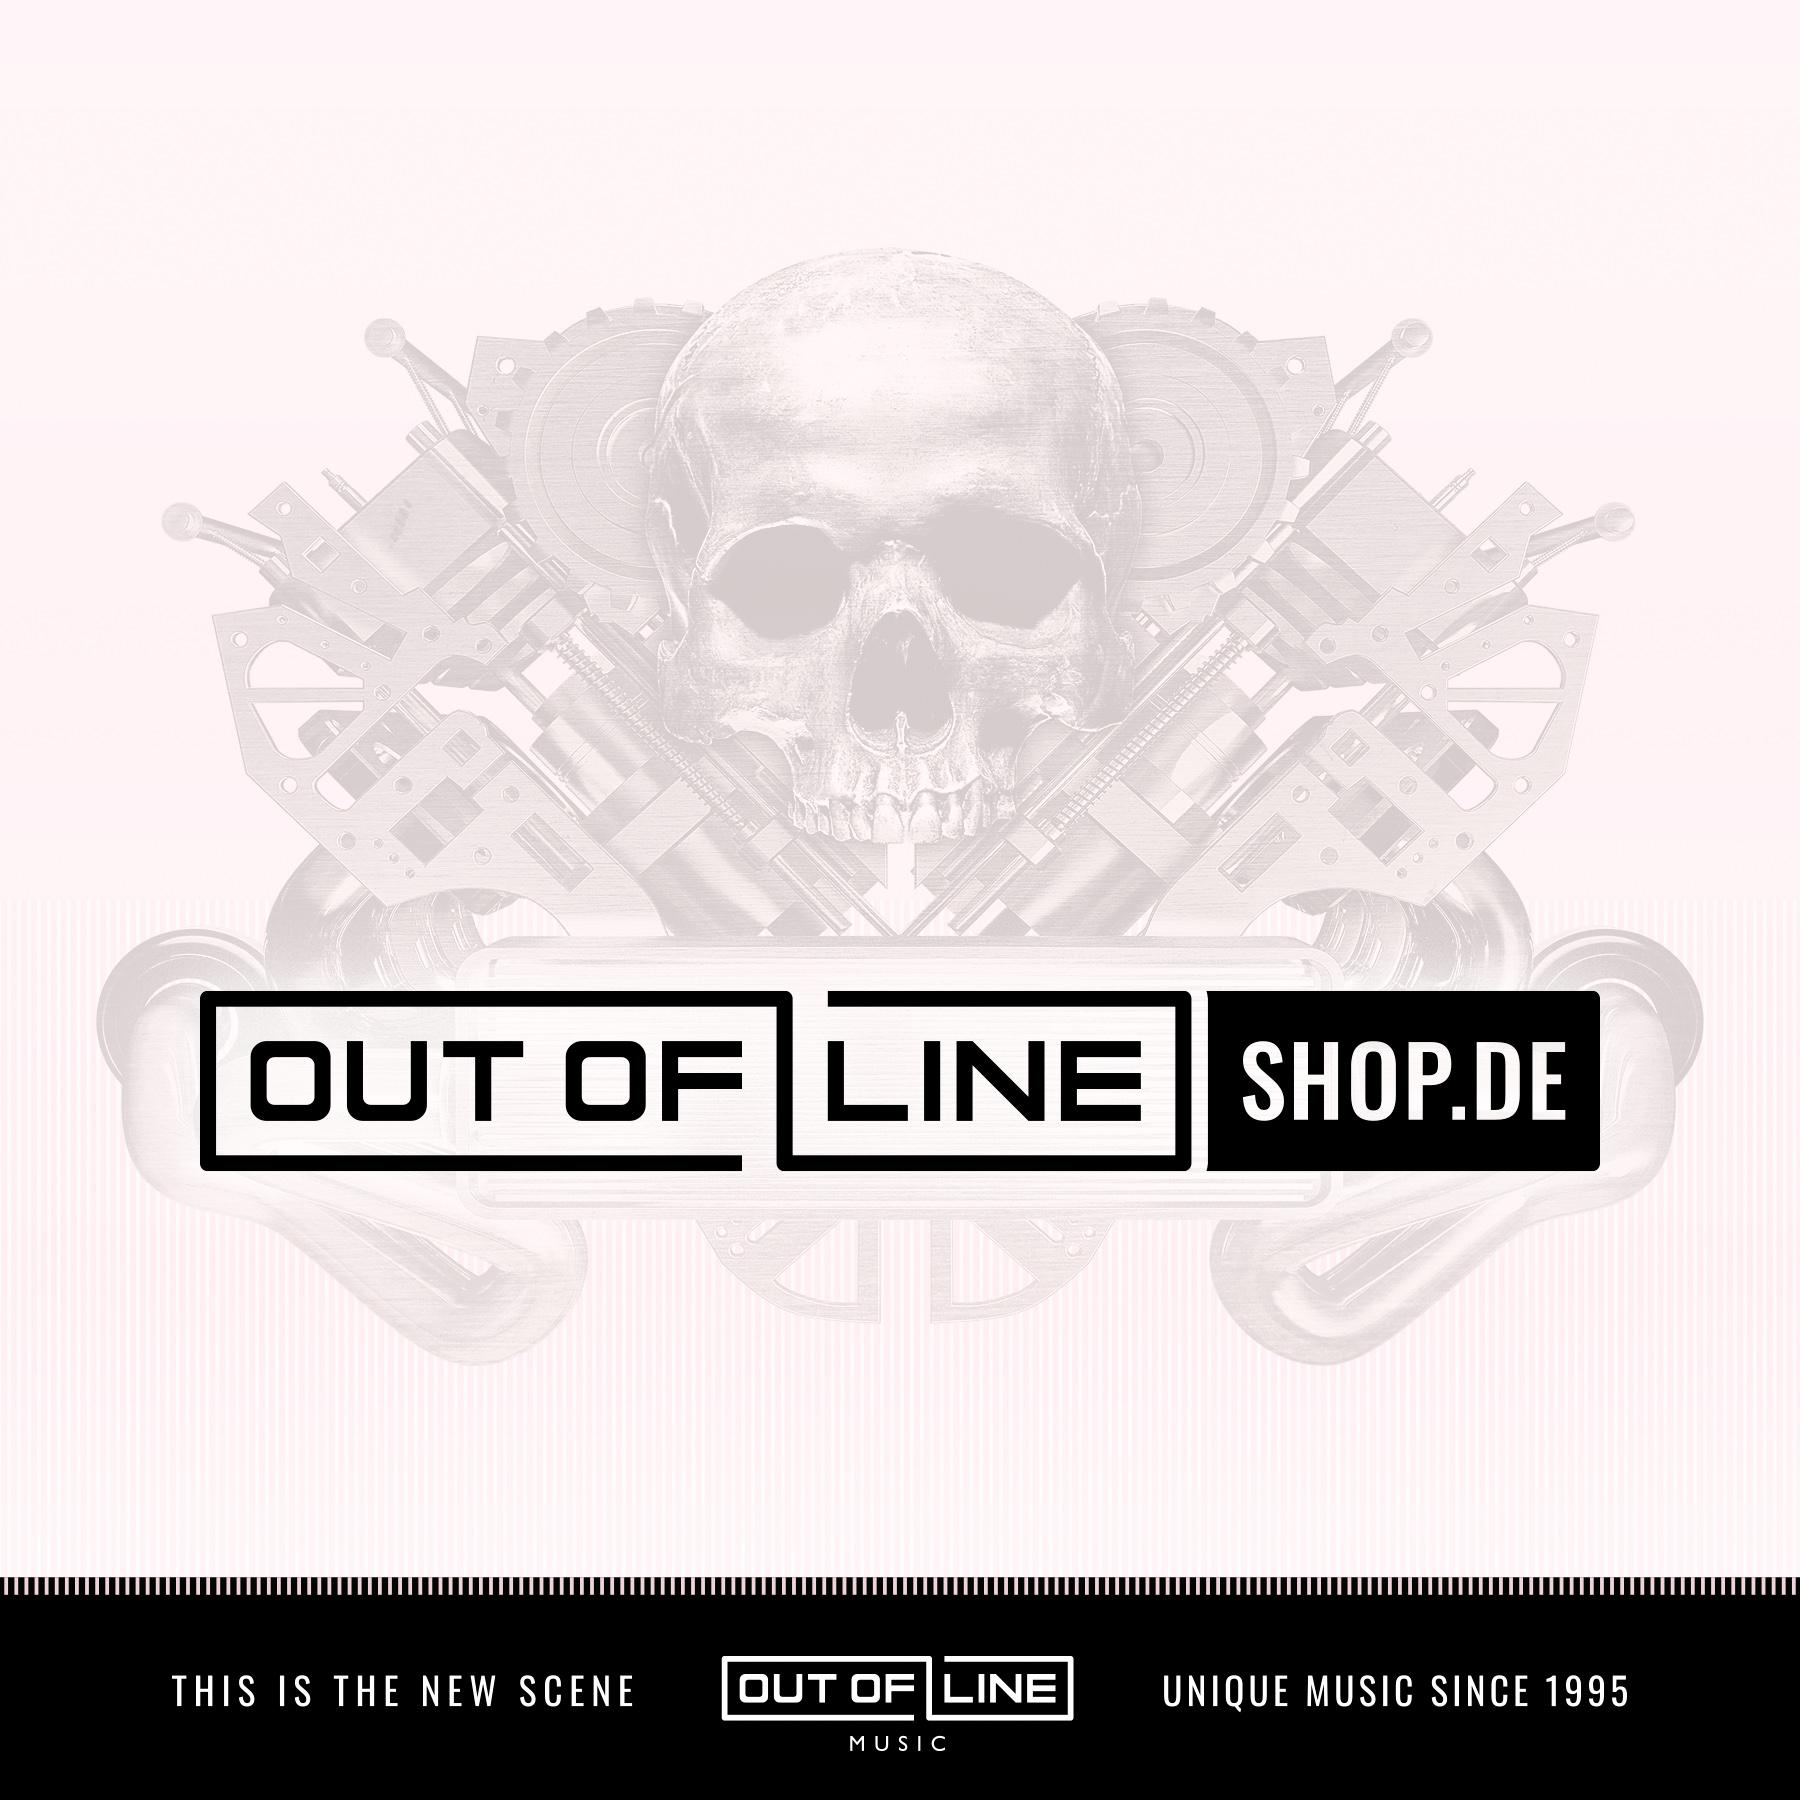 Eisfabrik - Automatisierung in der Eisfabrik - CD